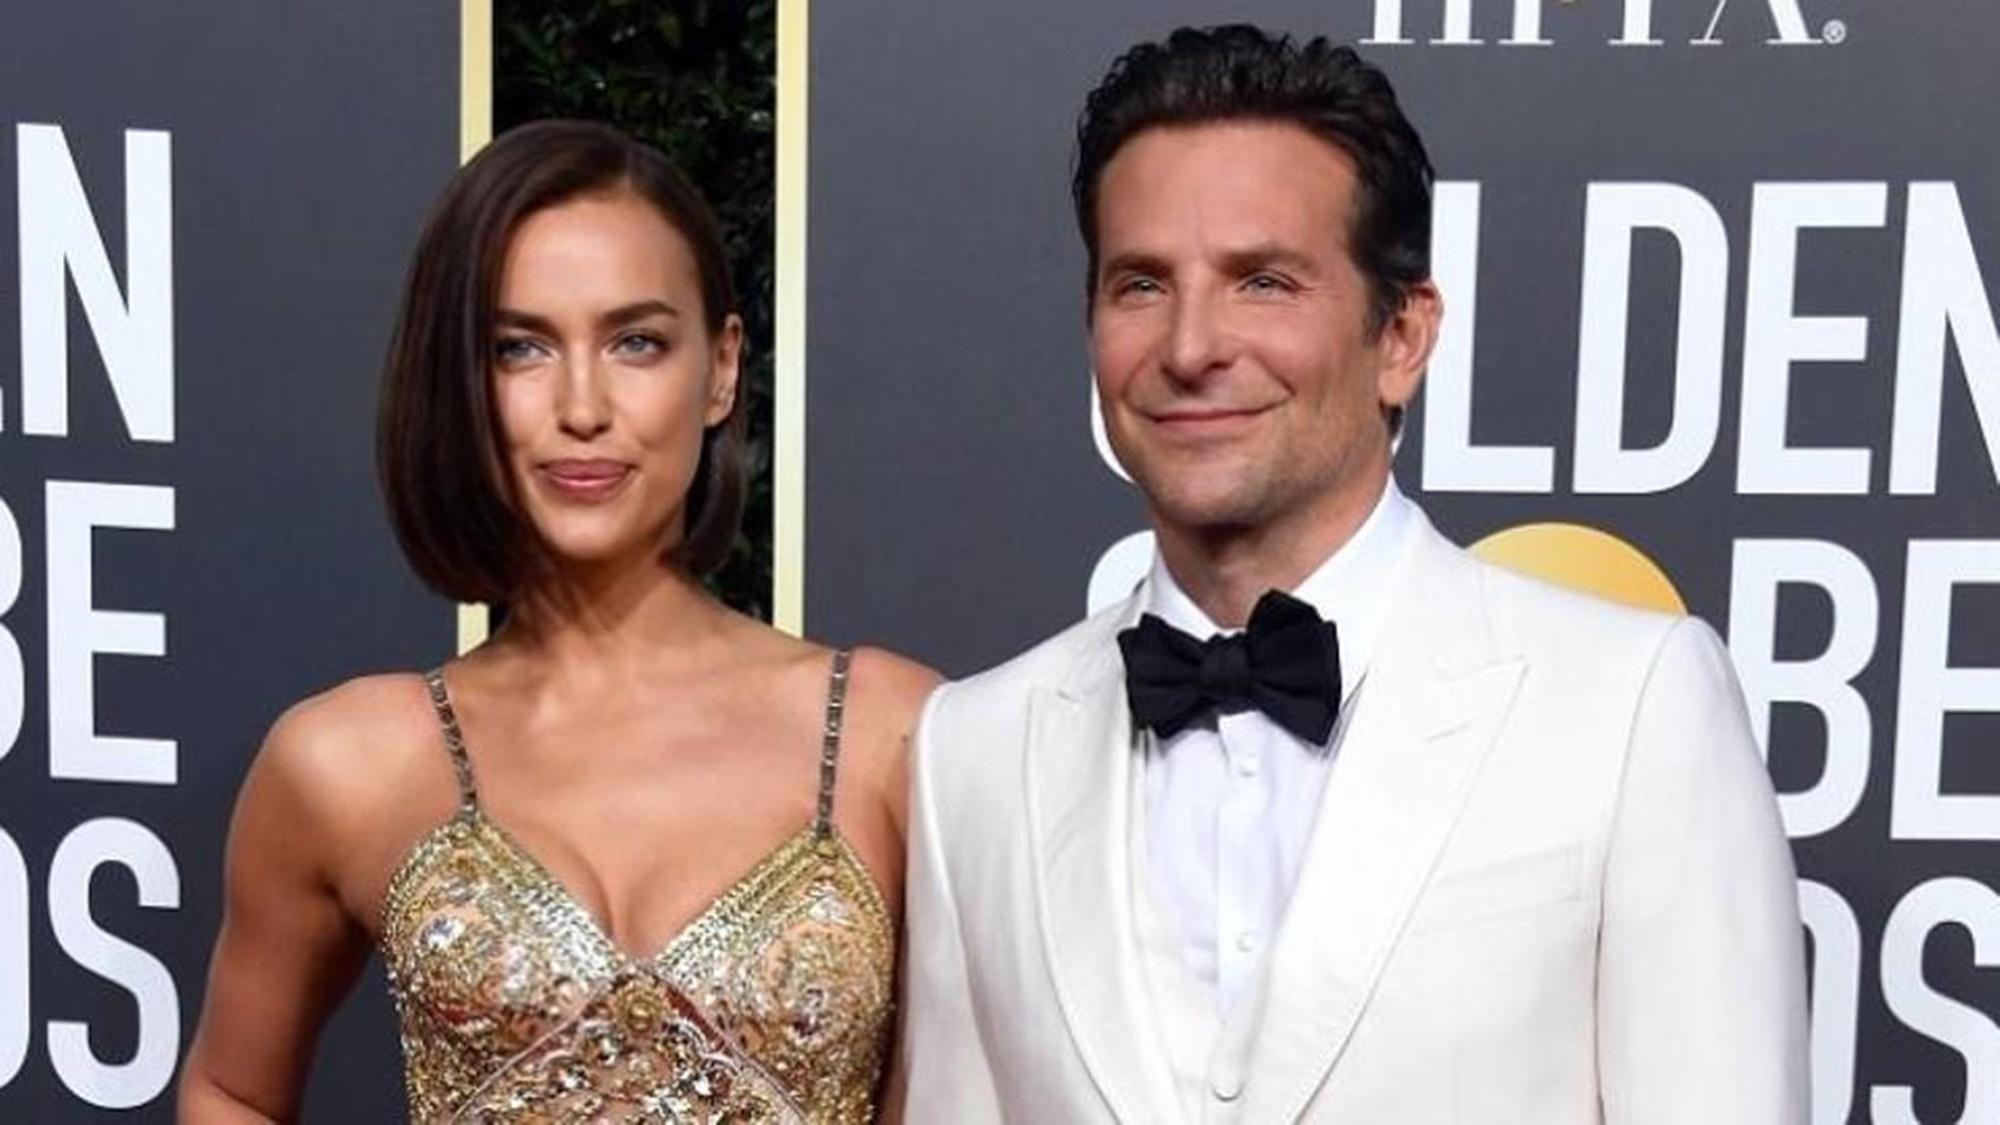 Irina Shayk Bradley Cooper Breakup